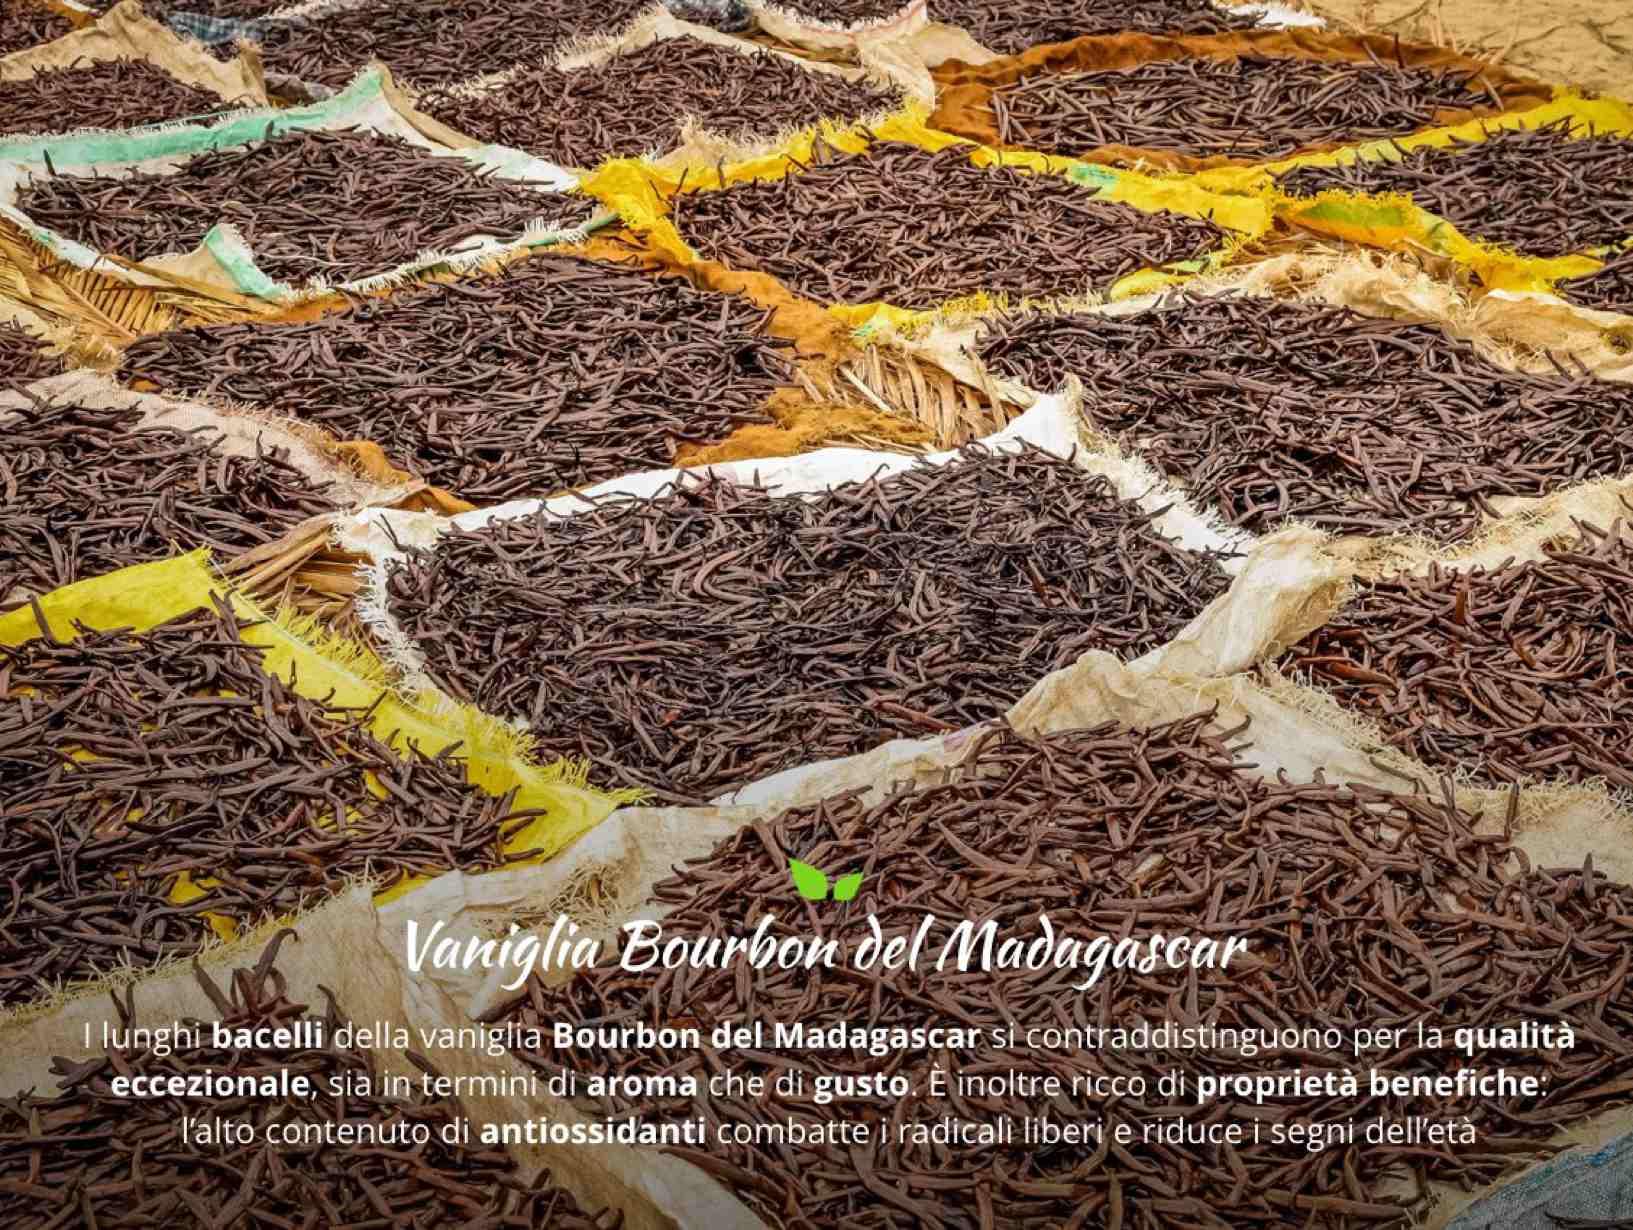 Proprietà e benefici dei Bacelli di Vaniglia del Madagascar. Acquistale Online con un Click su FruttaWeb.com